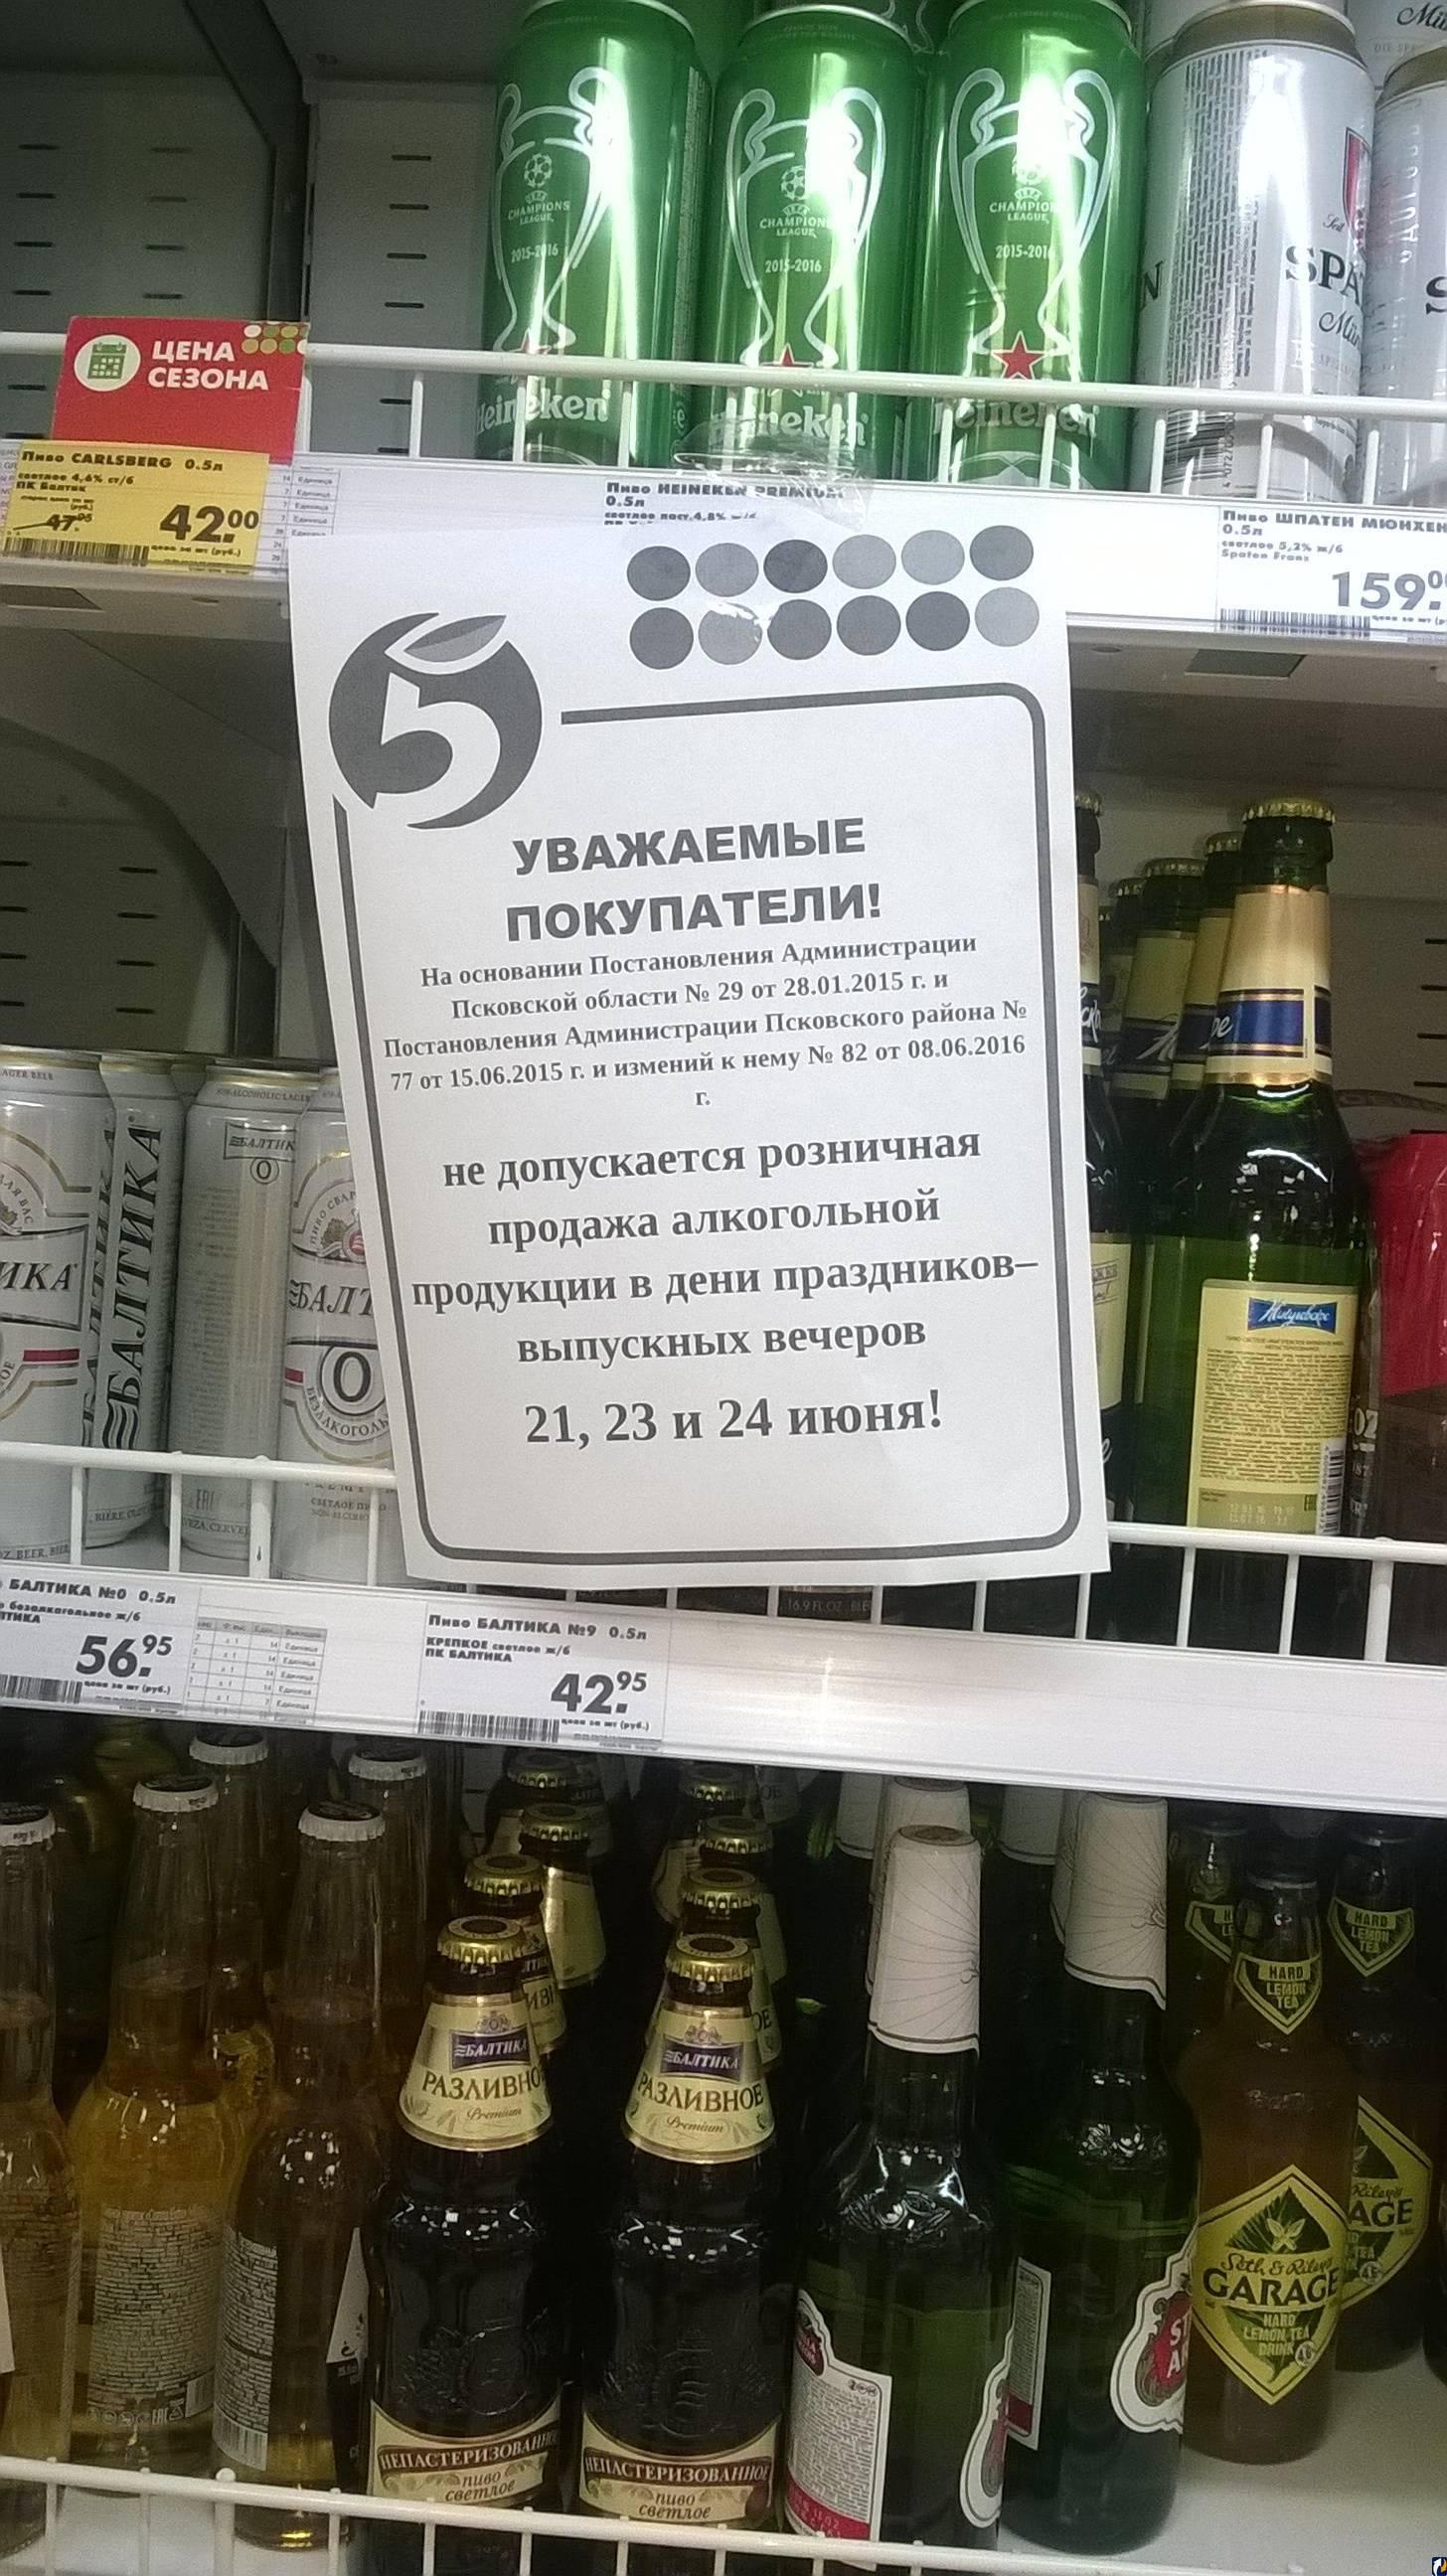 Продажа алкоголя в тюмени и области в 2019-2020 годах - время, со скольки и до скольки разрешено продавать вино, пиво, водку